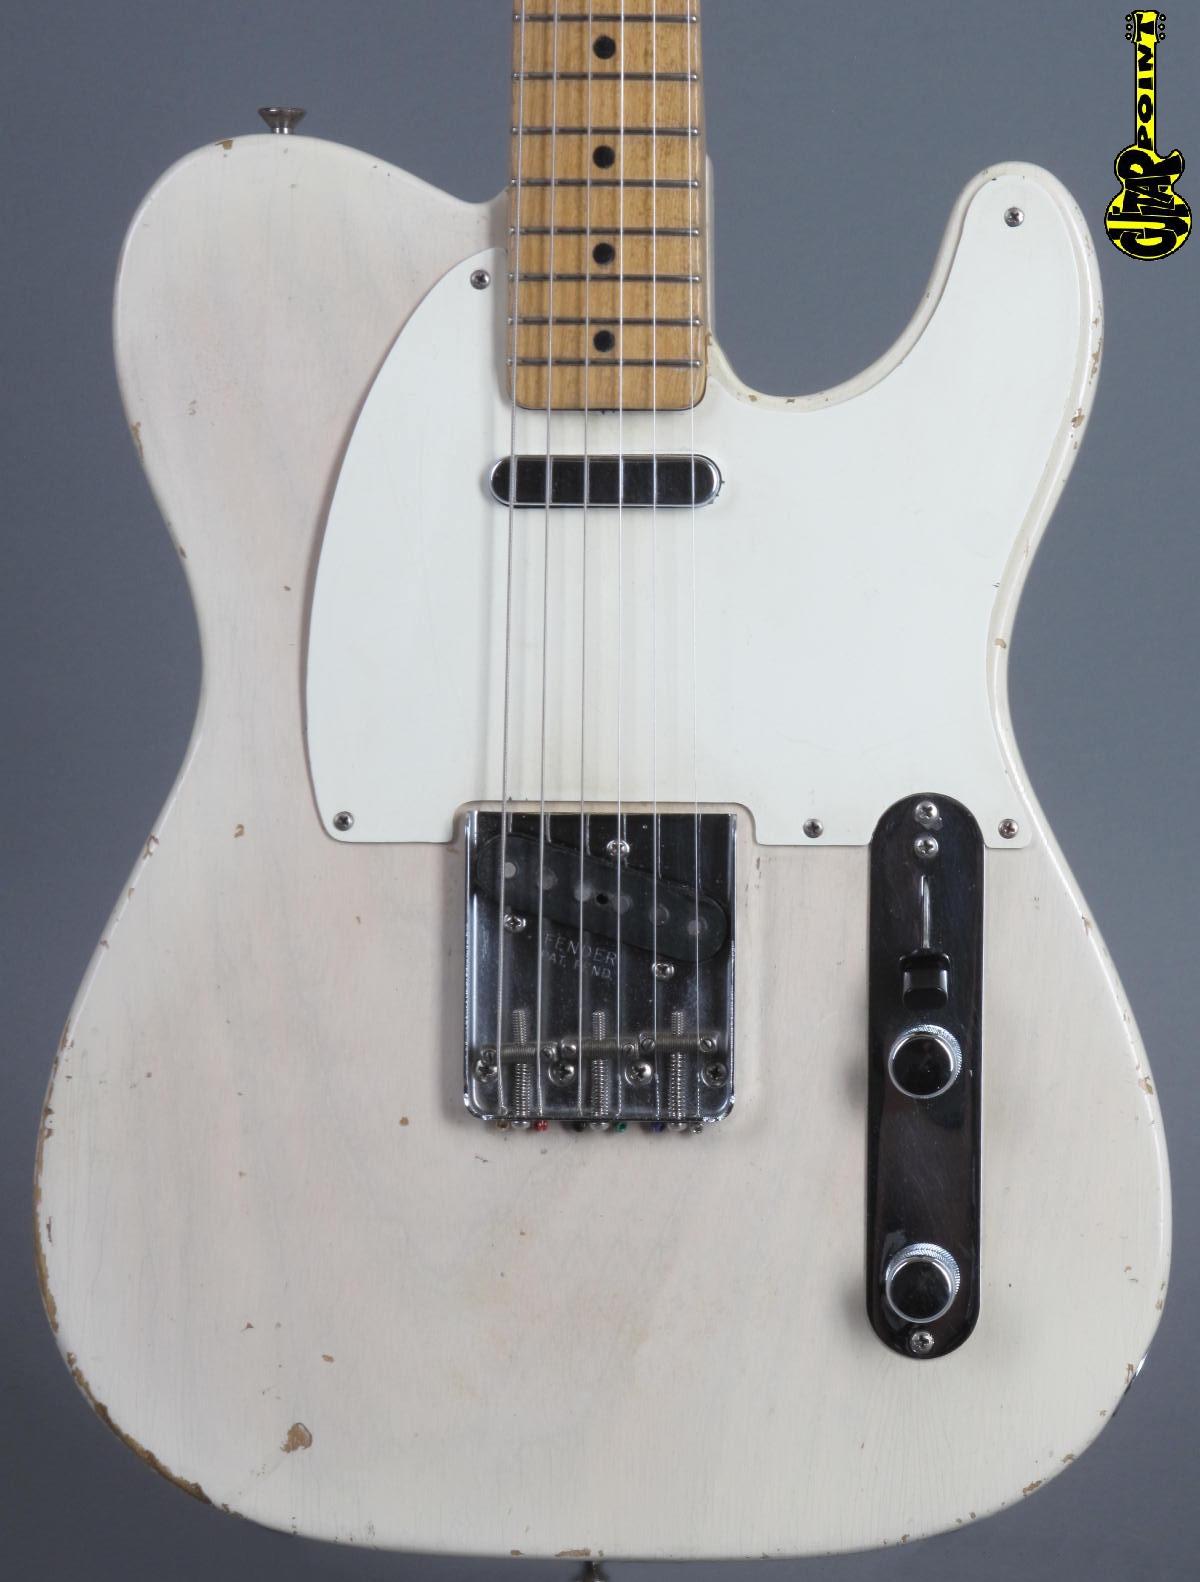 1958 Fender Telecaster - Blond